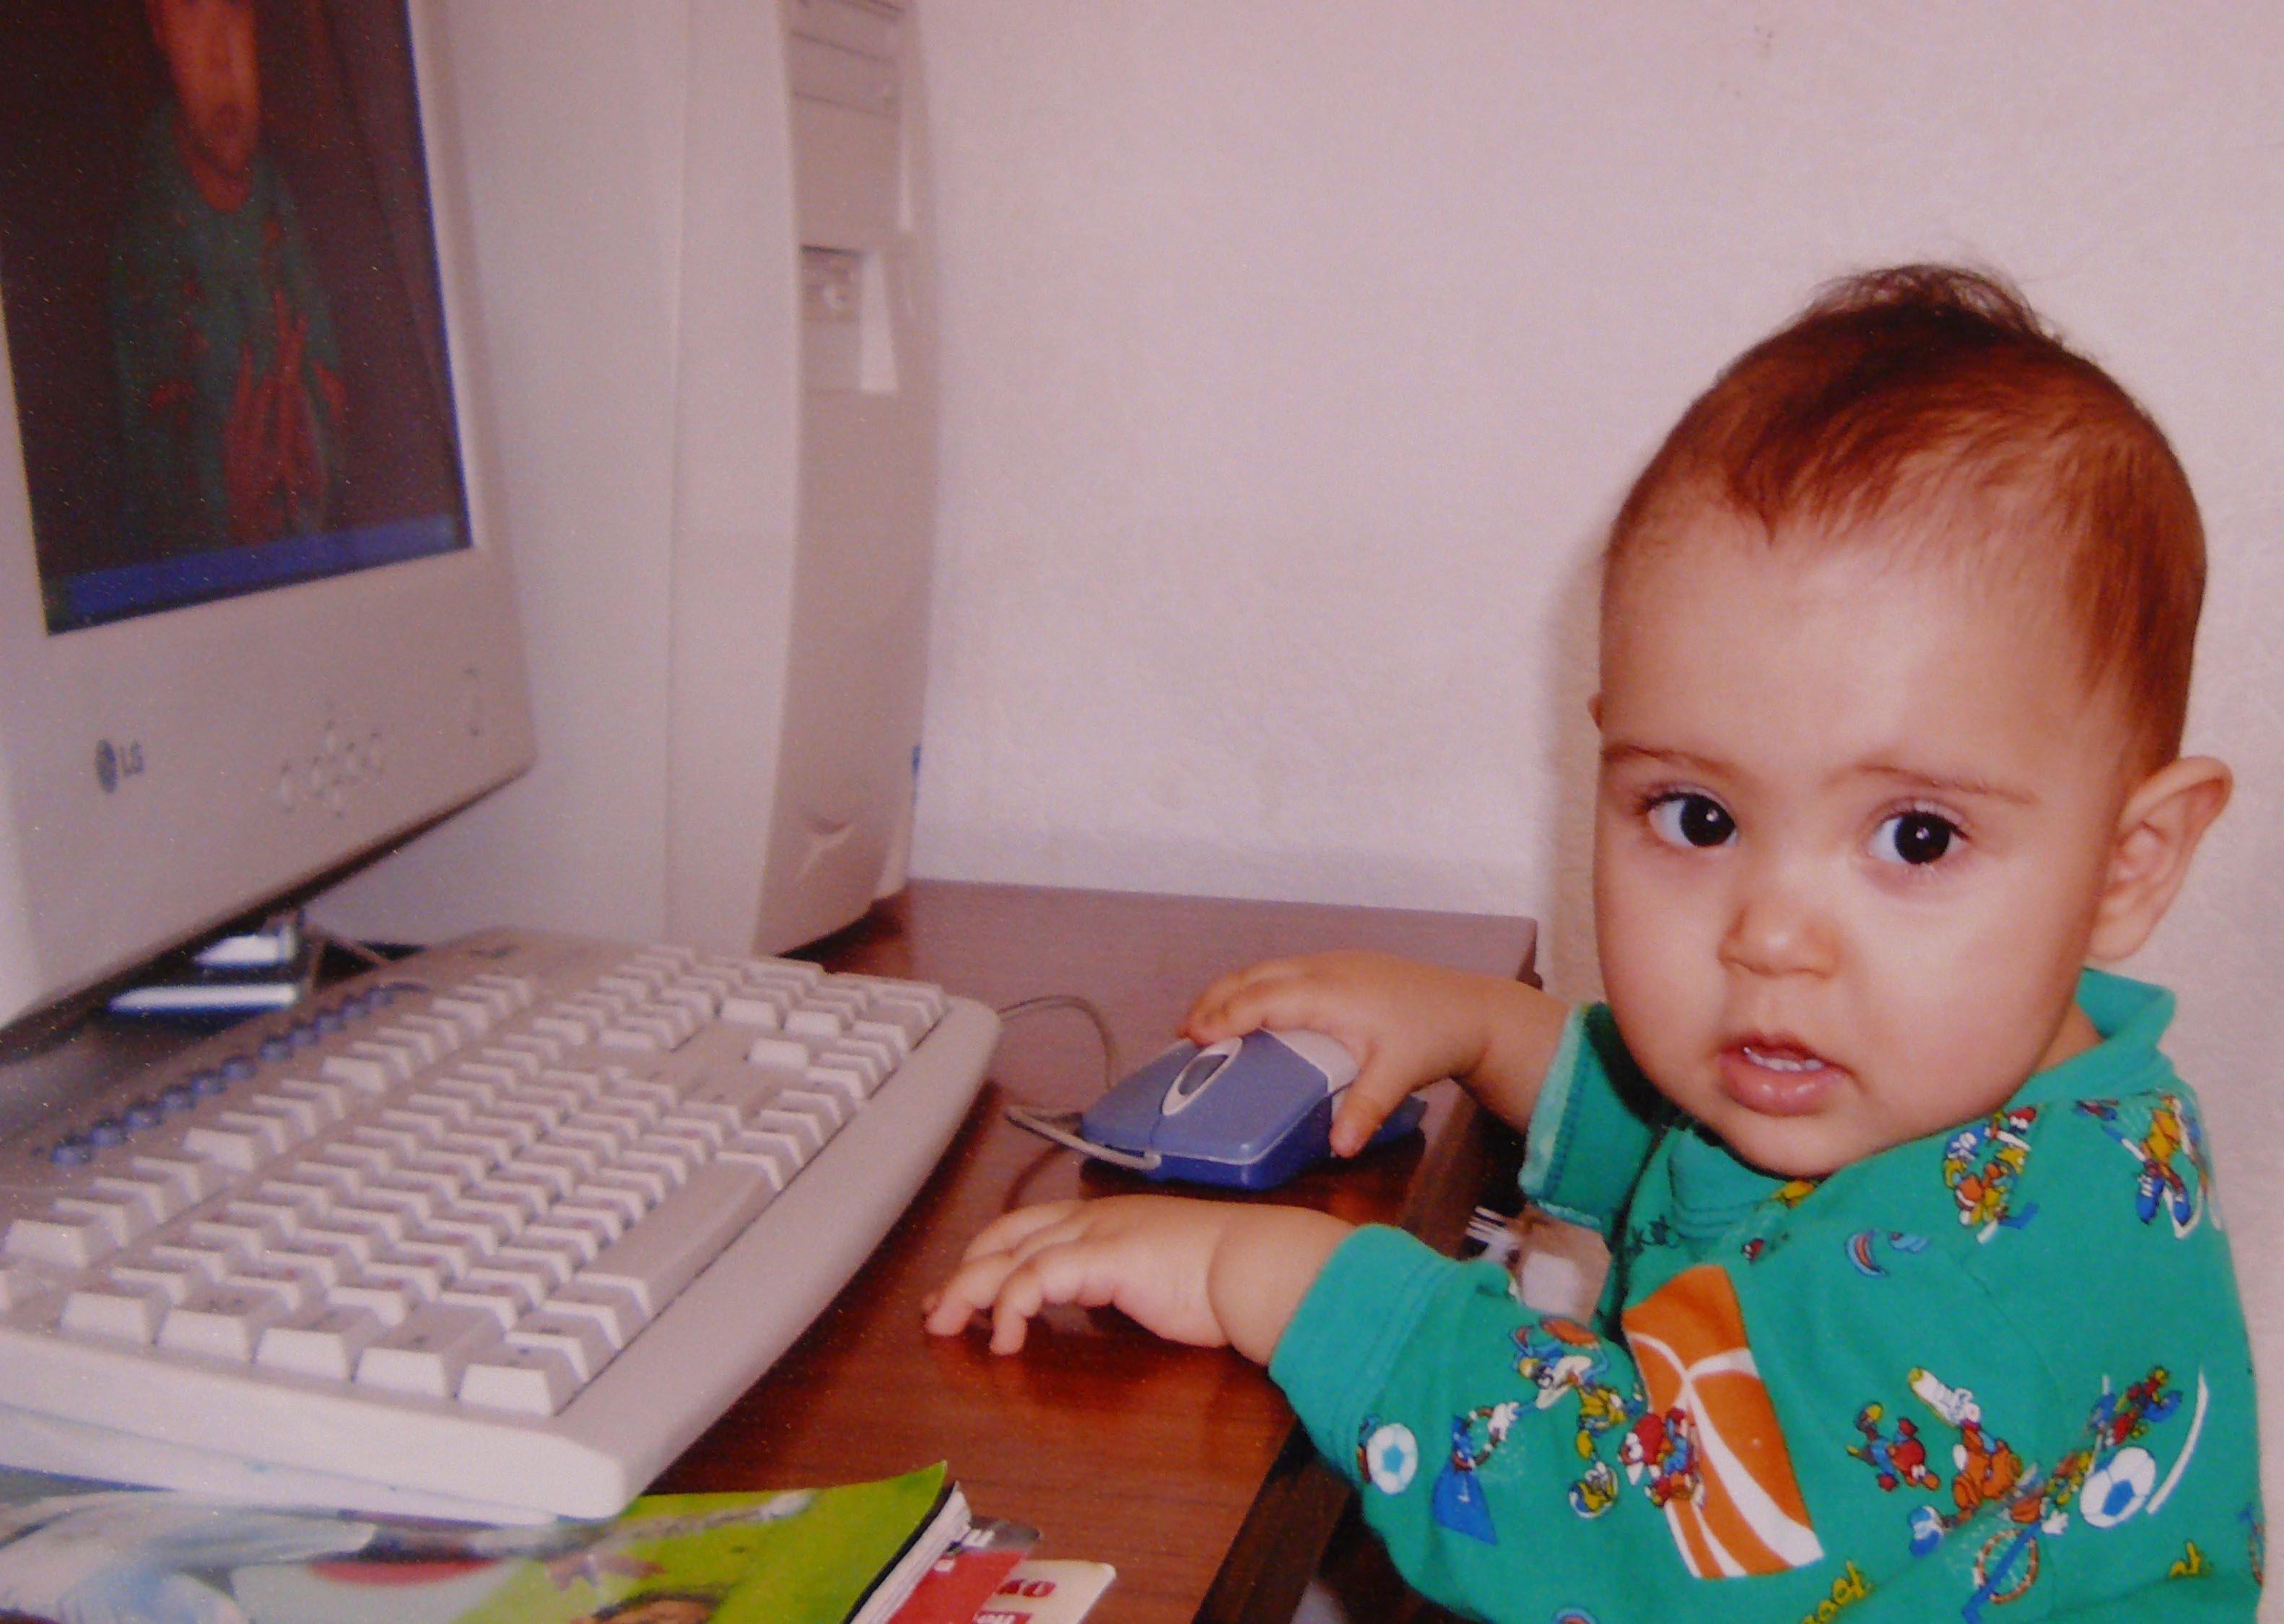 Дочка освоила компьютер, и первой операцией стала загрузка своей фотографии . Дети за компьютером